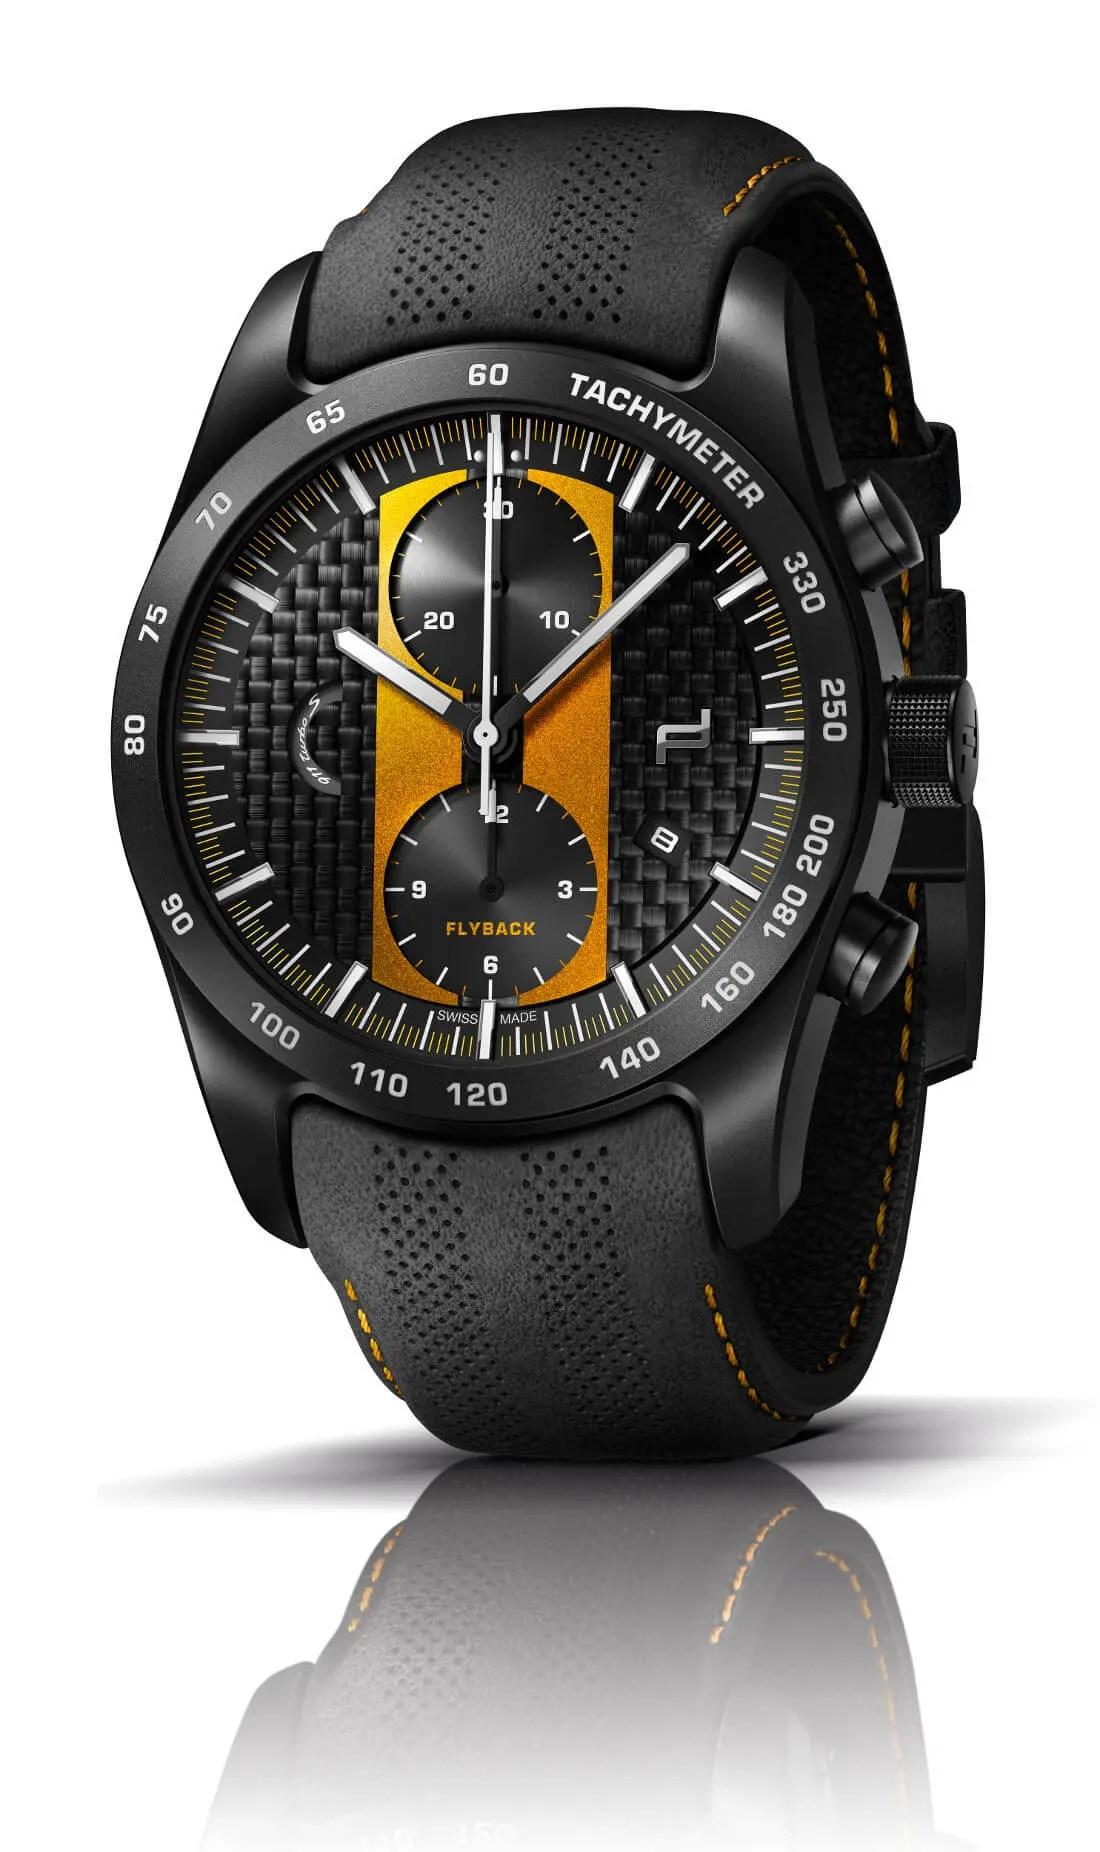 porsche-design-chronograph-911-turbo-s-exclusive-series_3d_soldat